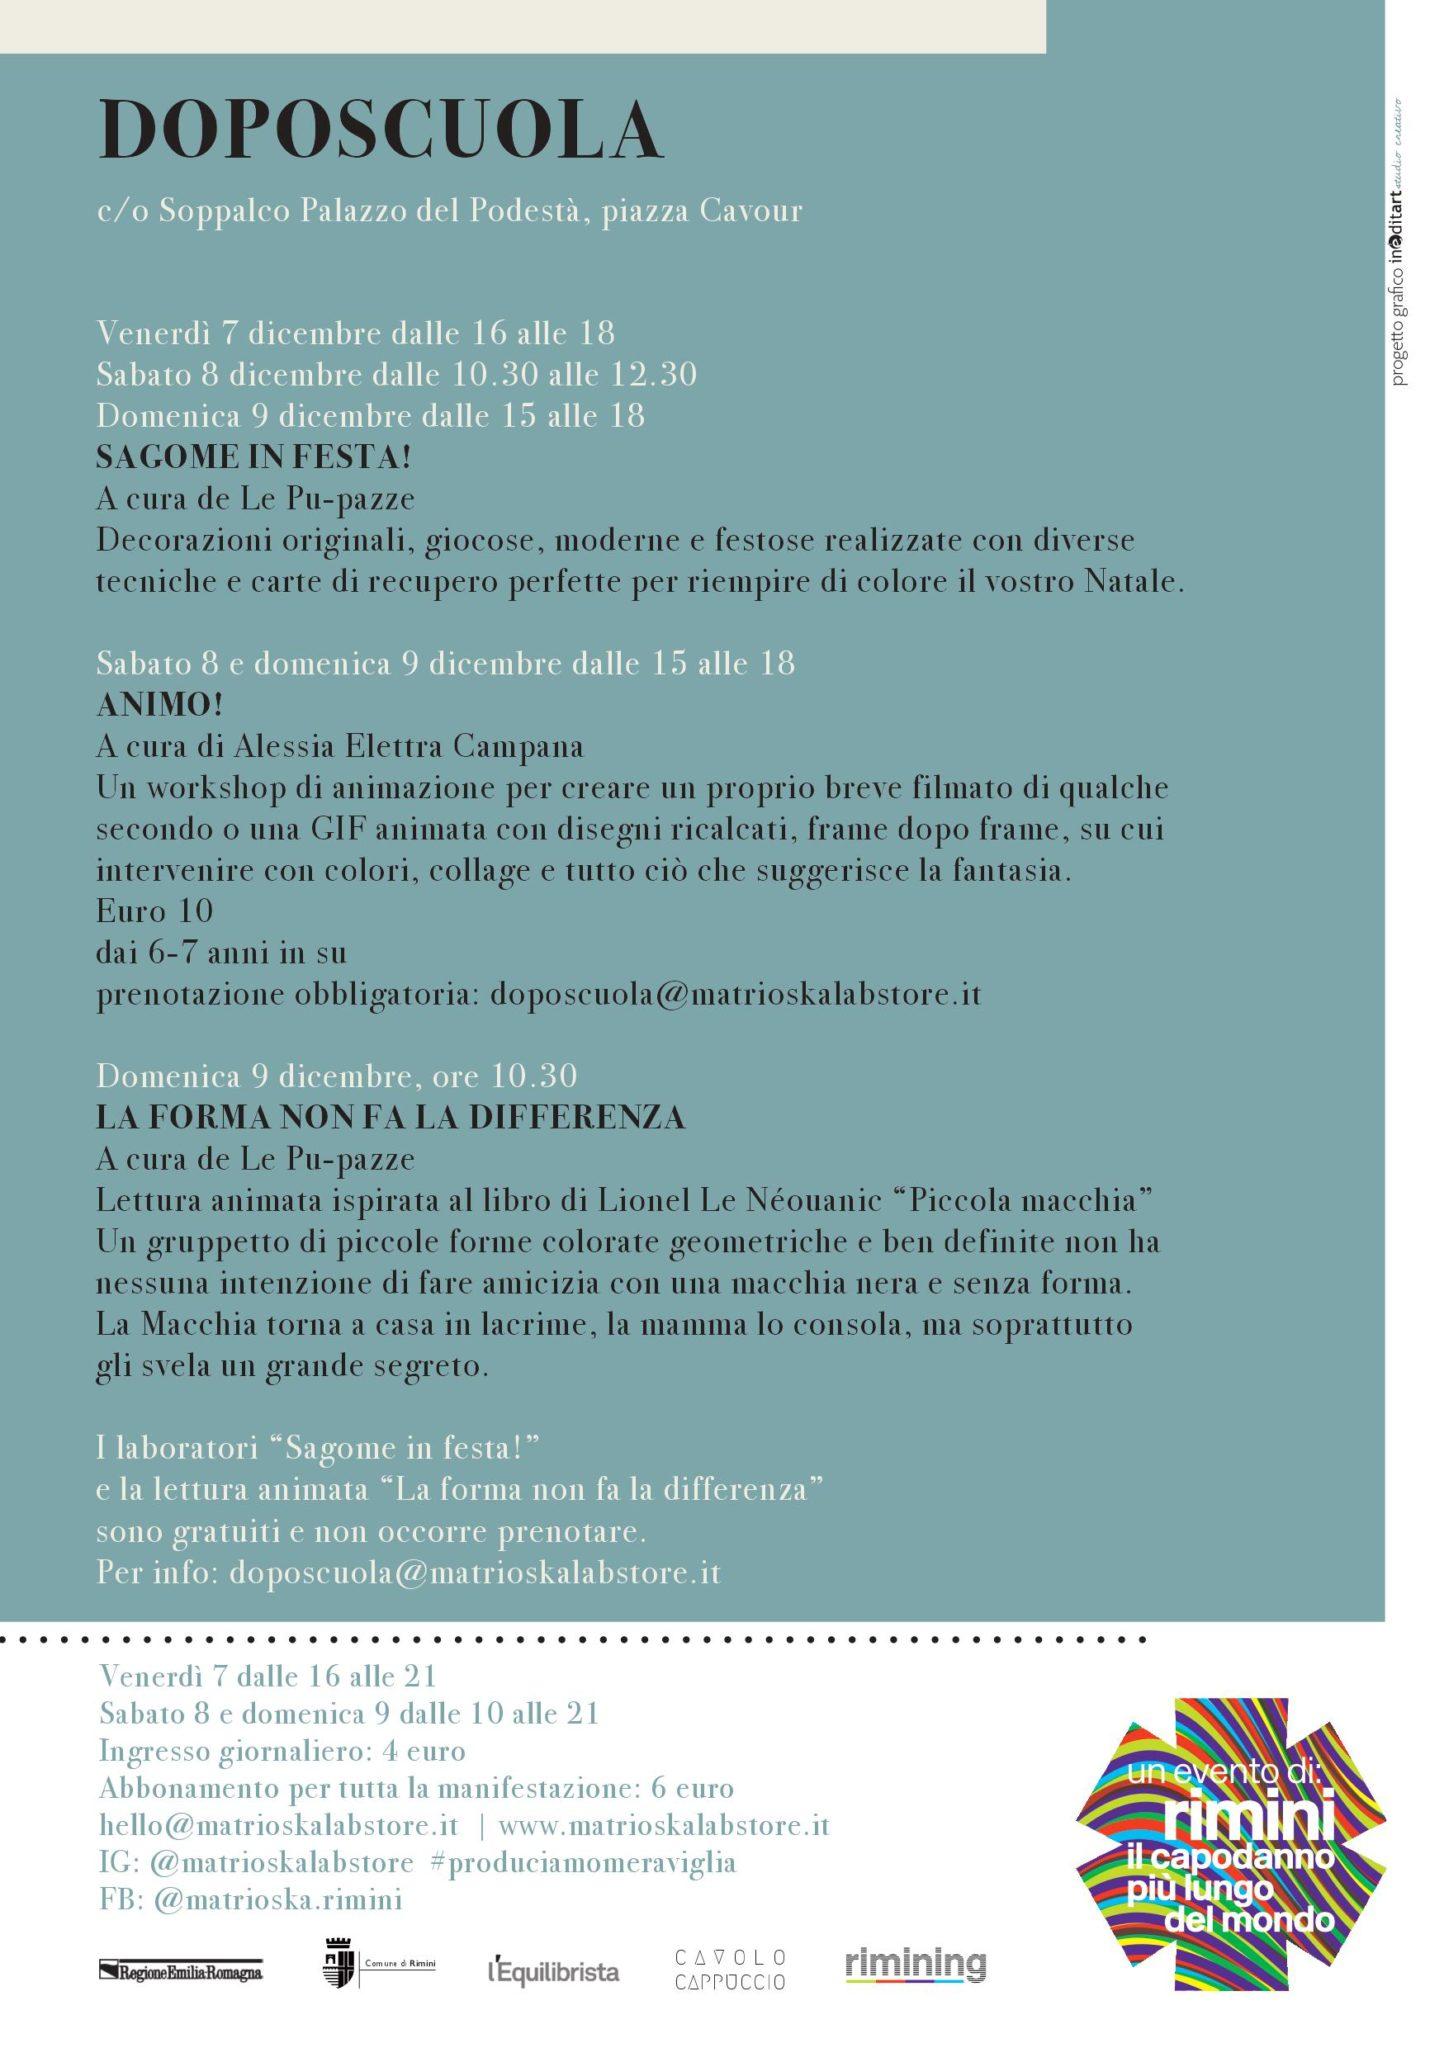 Programma Doposcuola / Matrioska Labstore #14 / Rimini 7-8-9 dicembre 2018